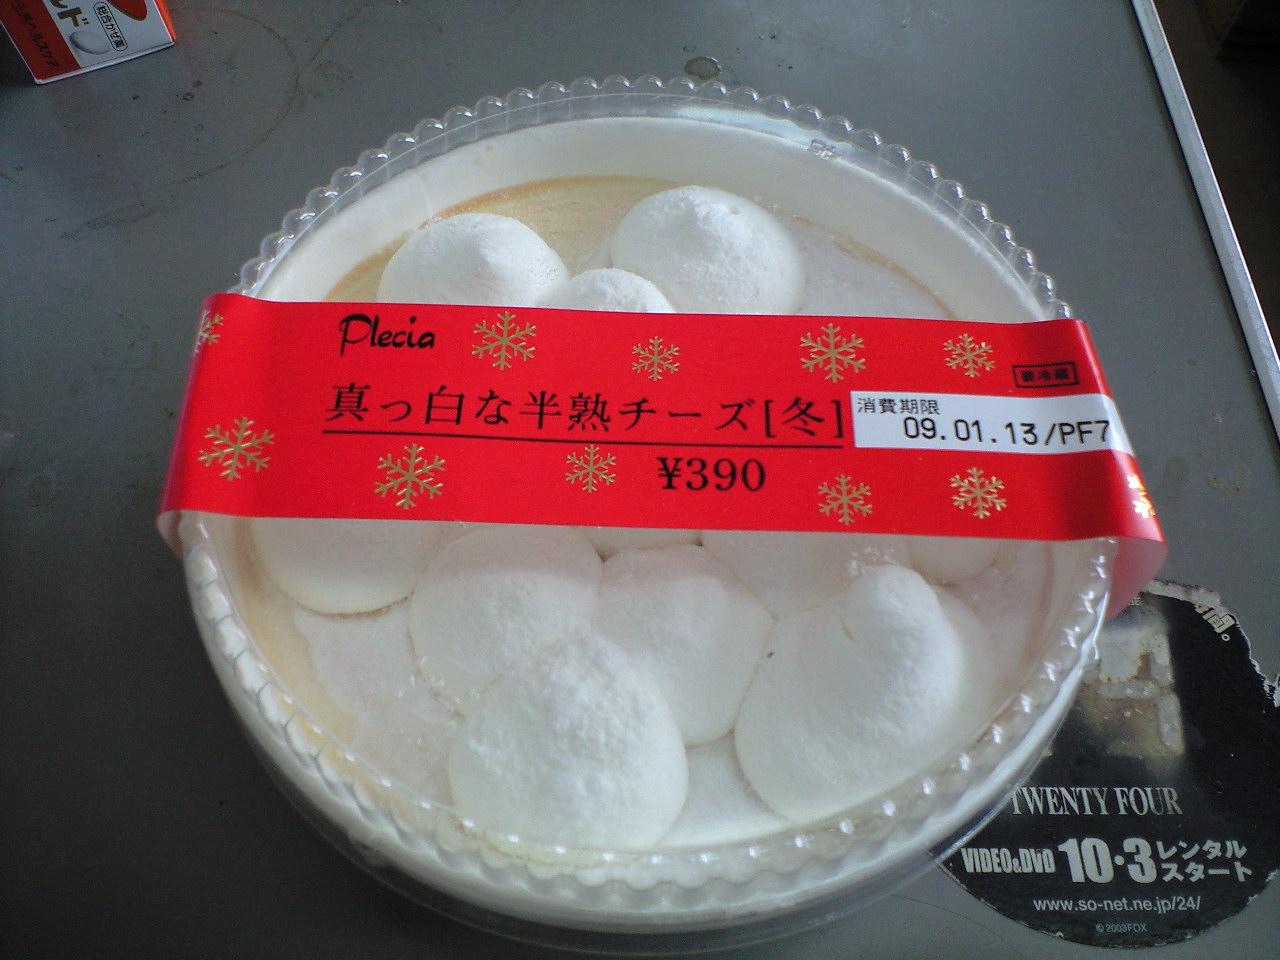 真っ白な半熟チーズ[冬]。